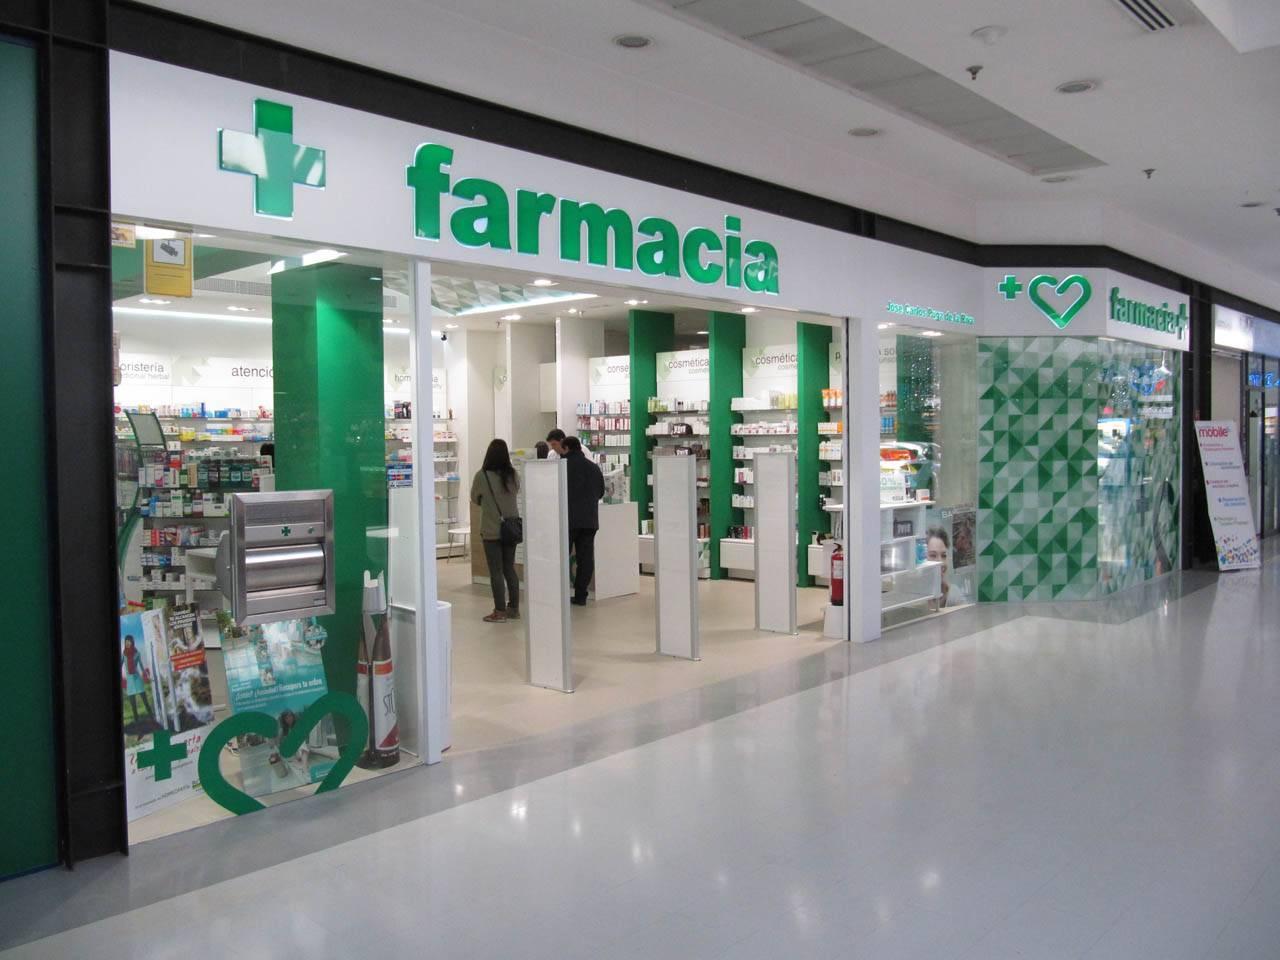 Importancia de la fachada en farmacia la primera for Reformas de fachadas en palma